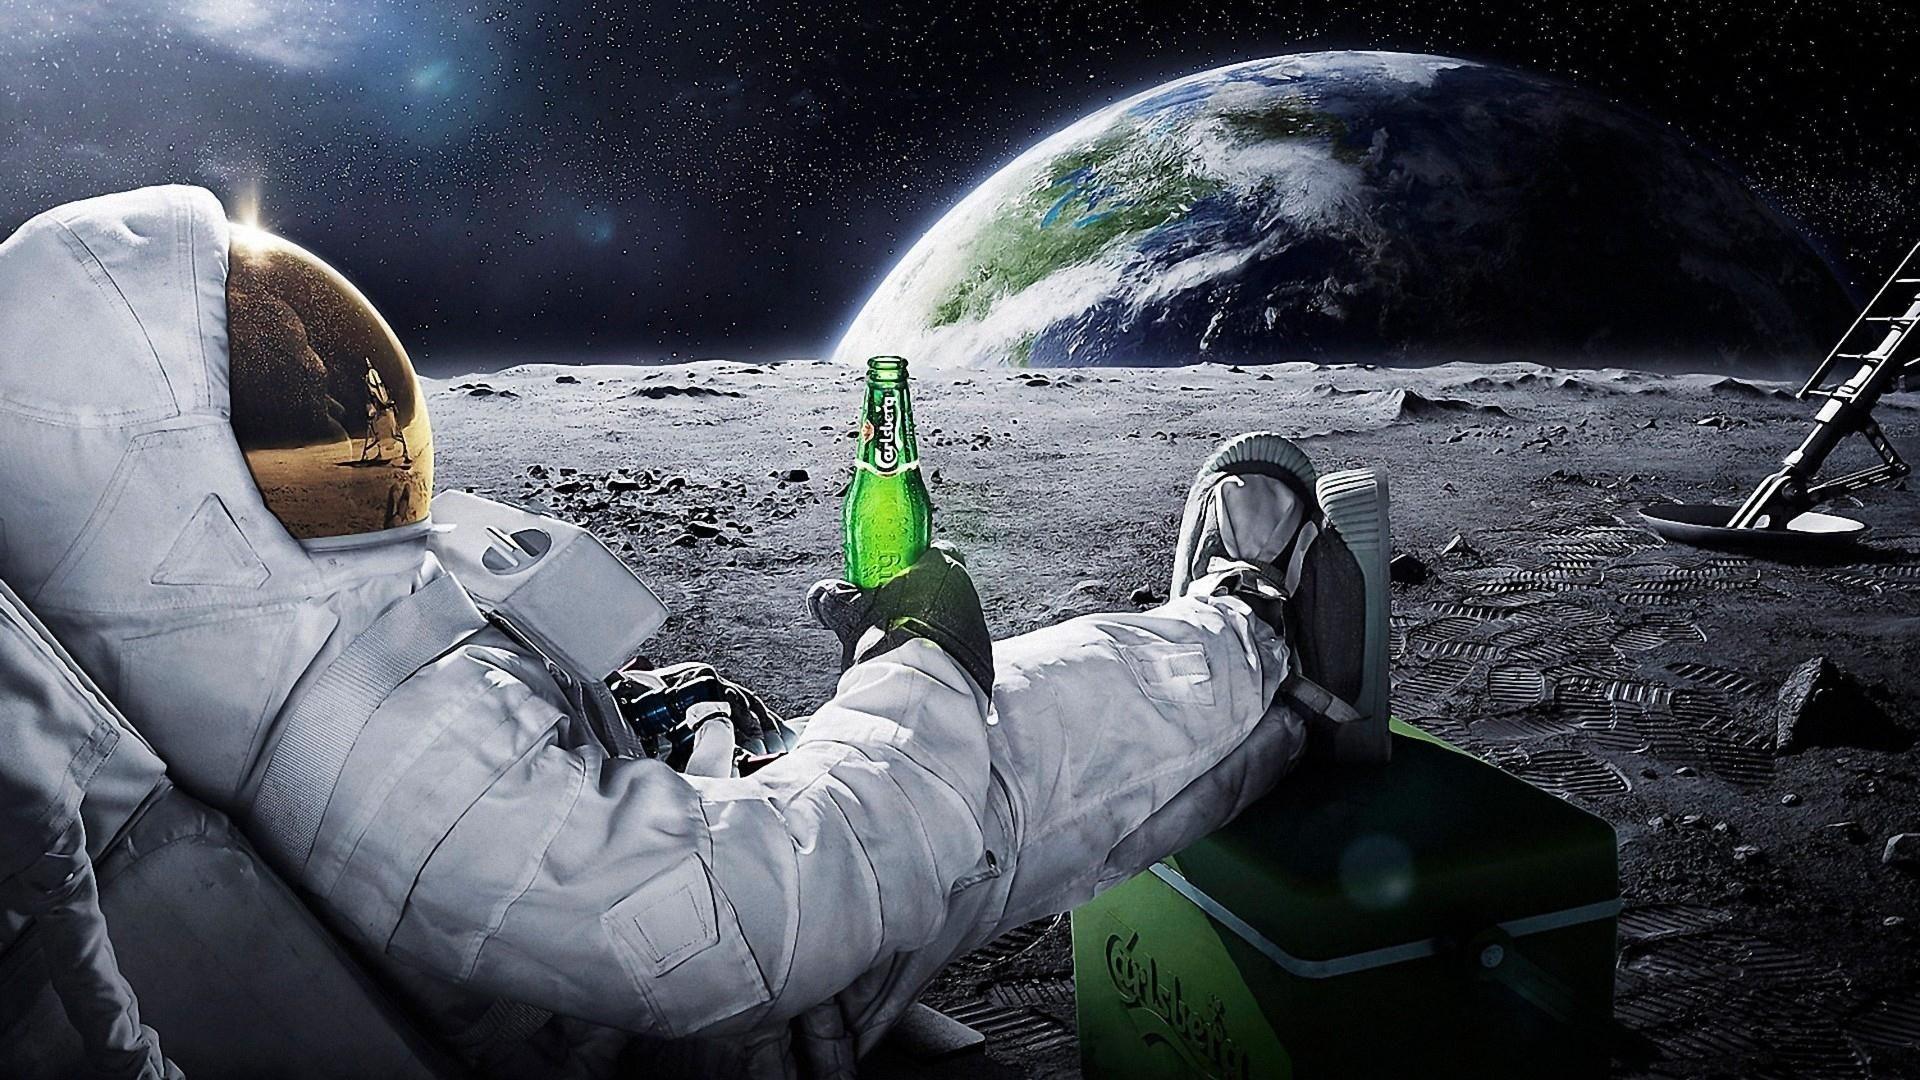 carlsberg beer in space desktop wallpaper